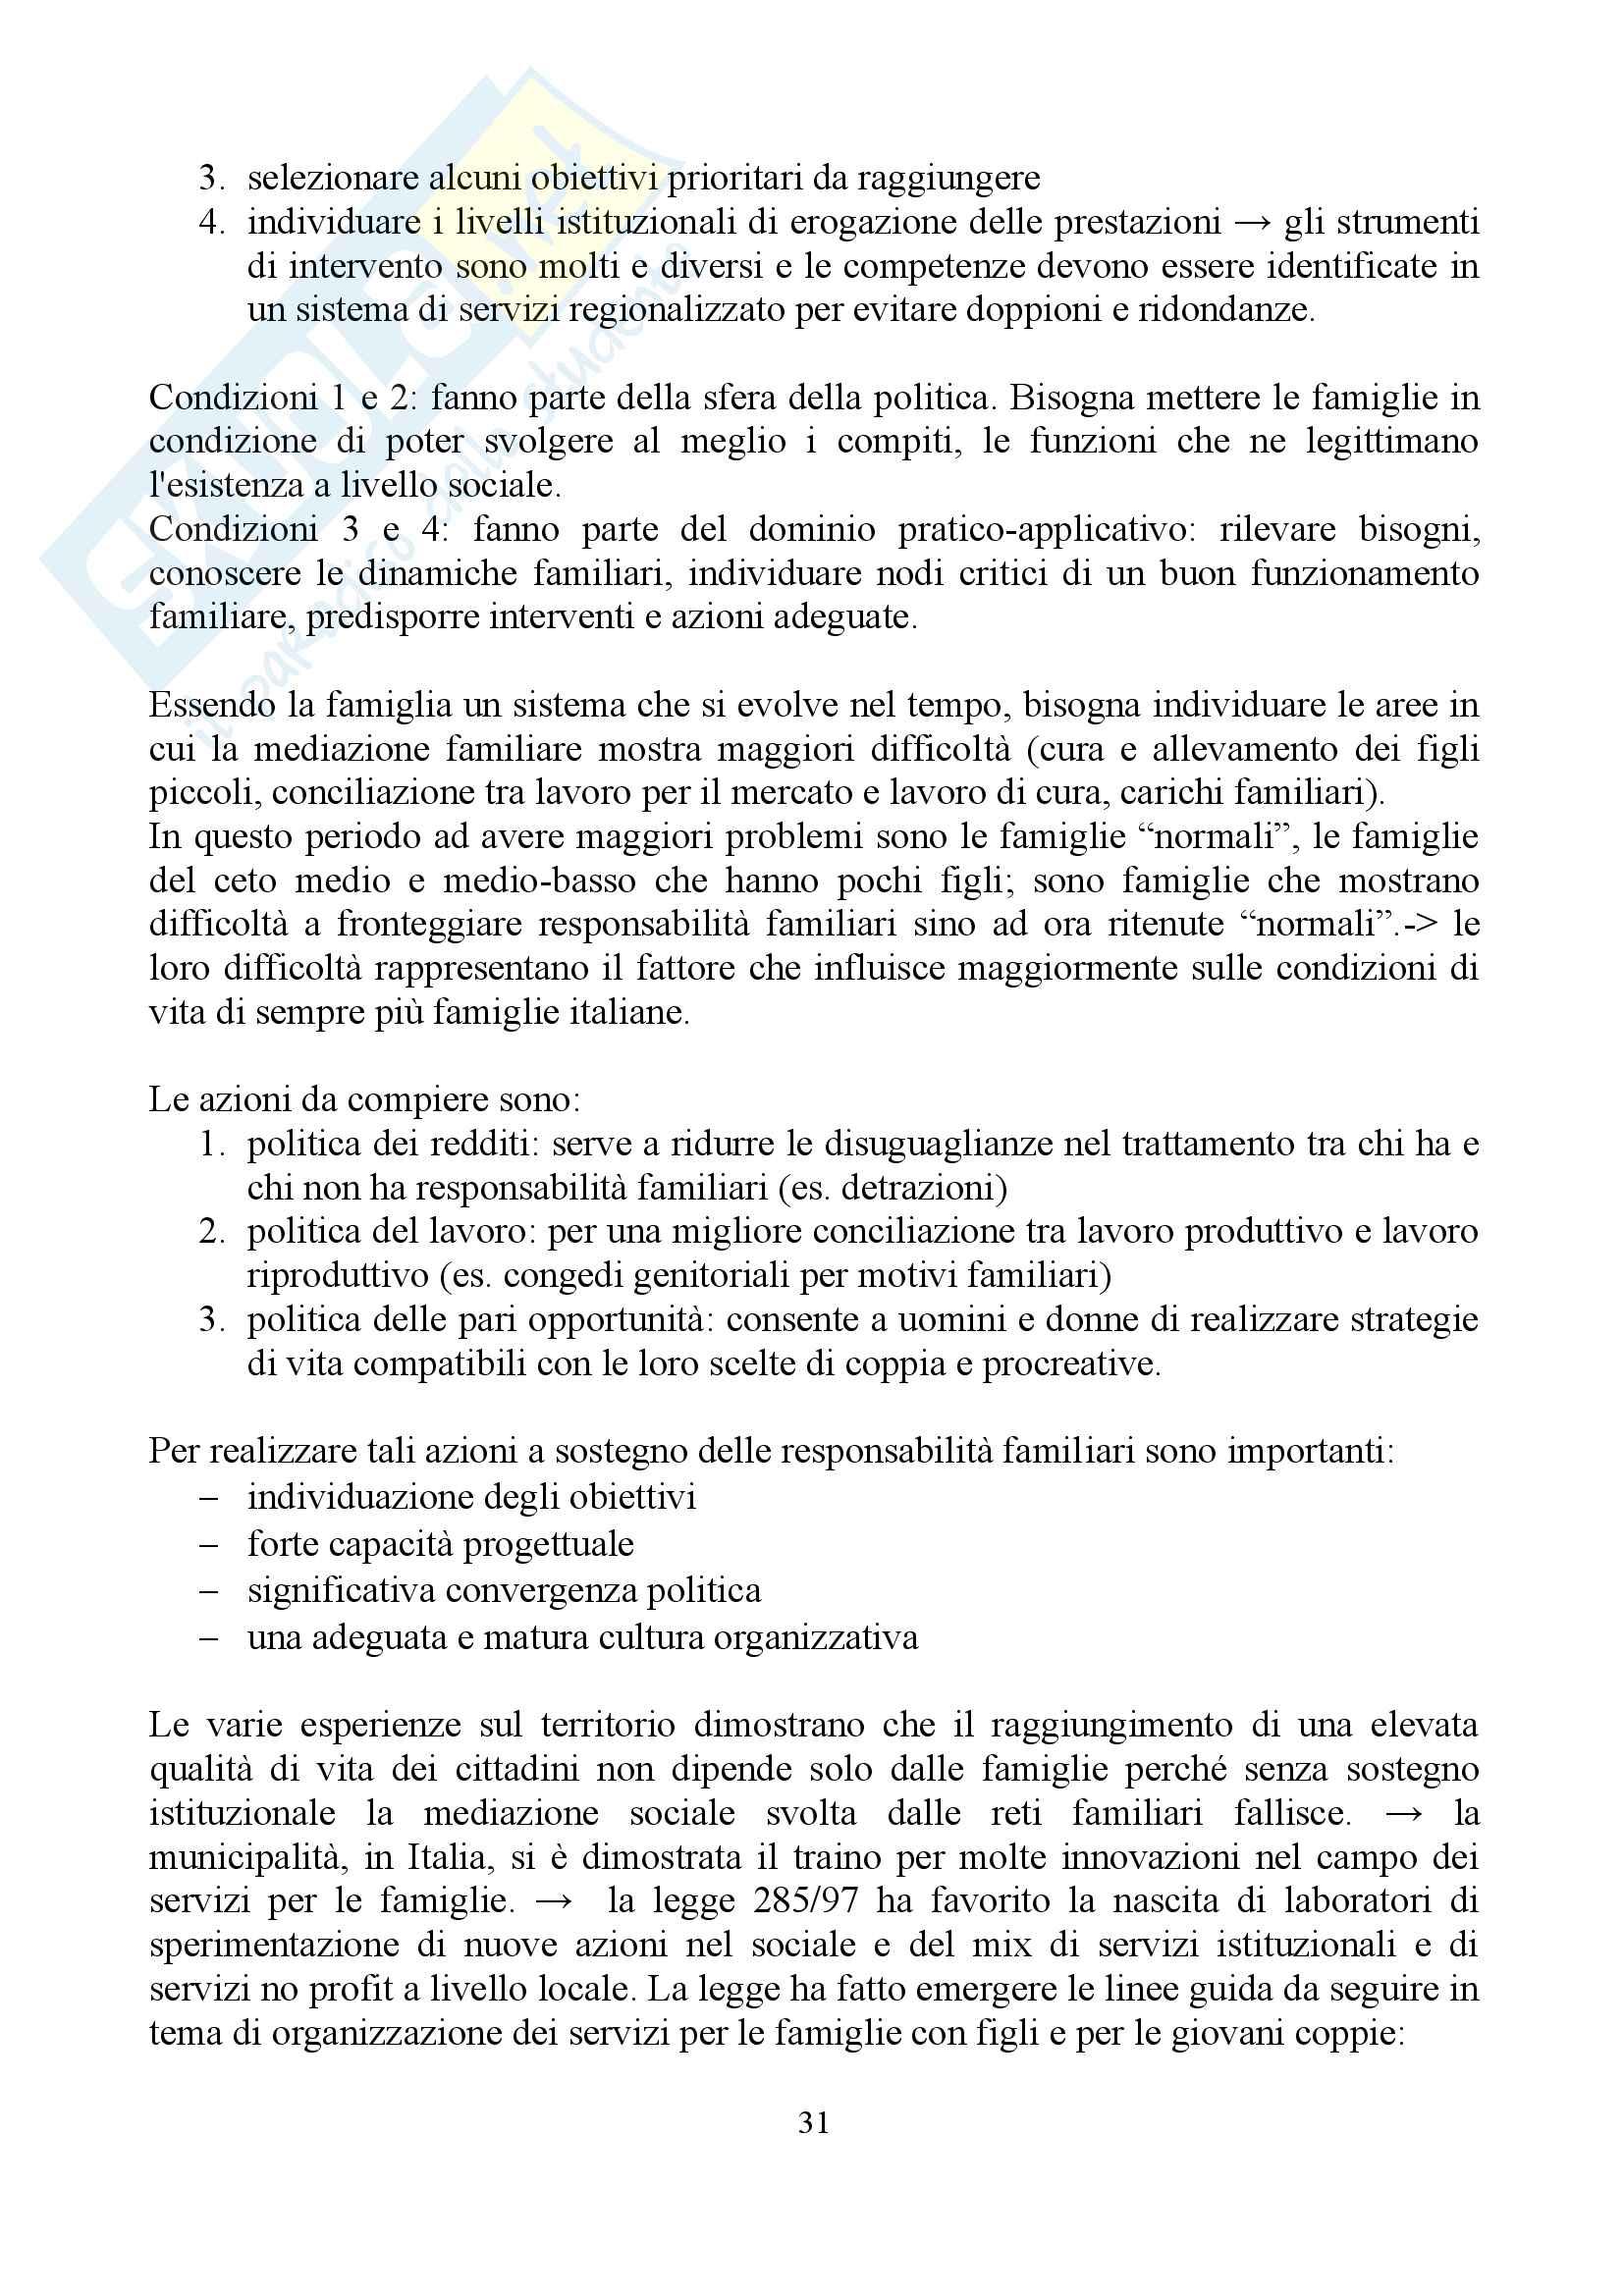 """Sunto di sociologia della famiglia, docente Diego Mesa, libro consigliato """"famiglia sostantivo plurale"""", Paola Di Nicola) Pag. 31"""